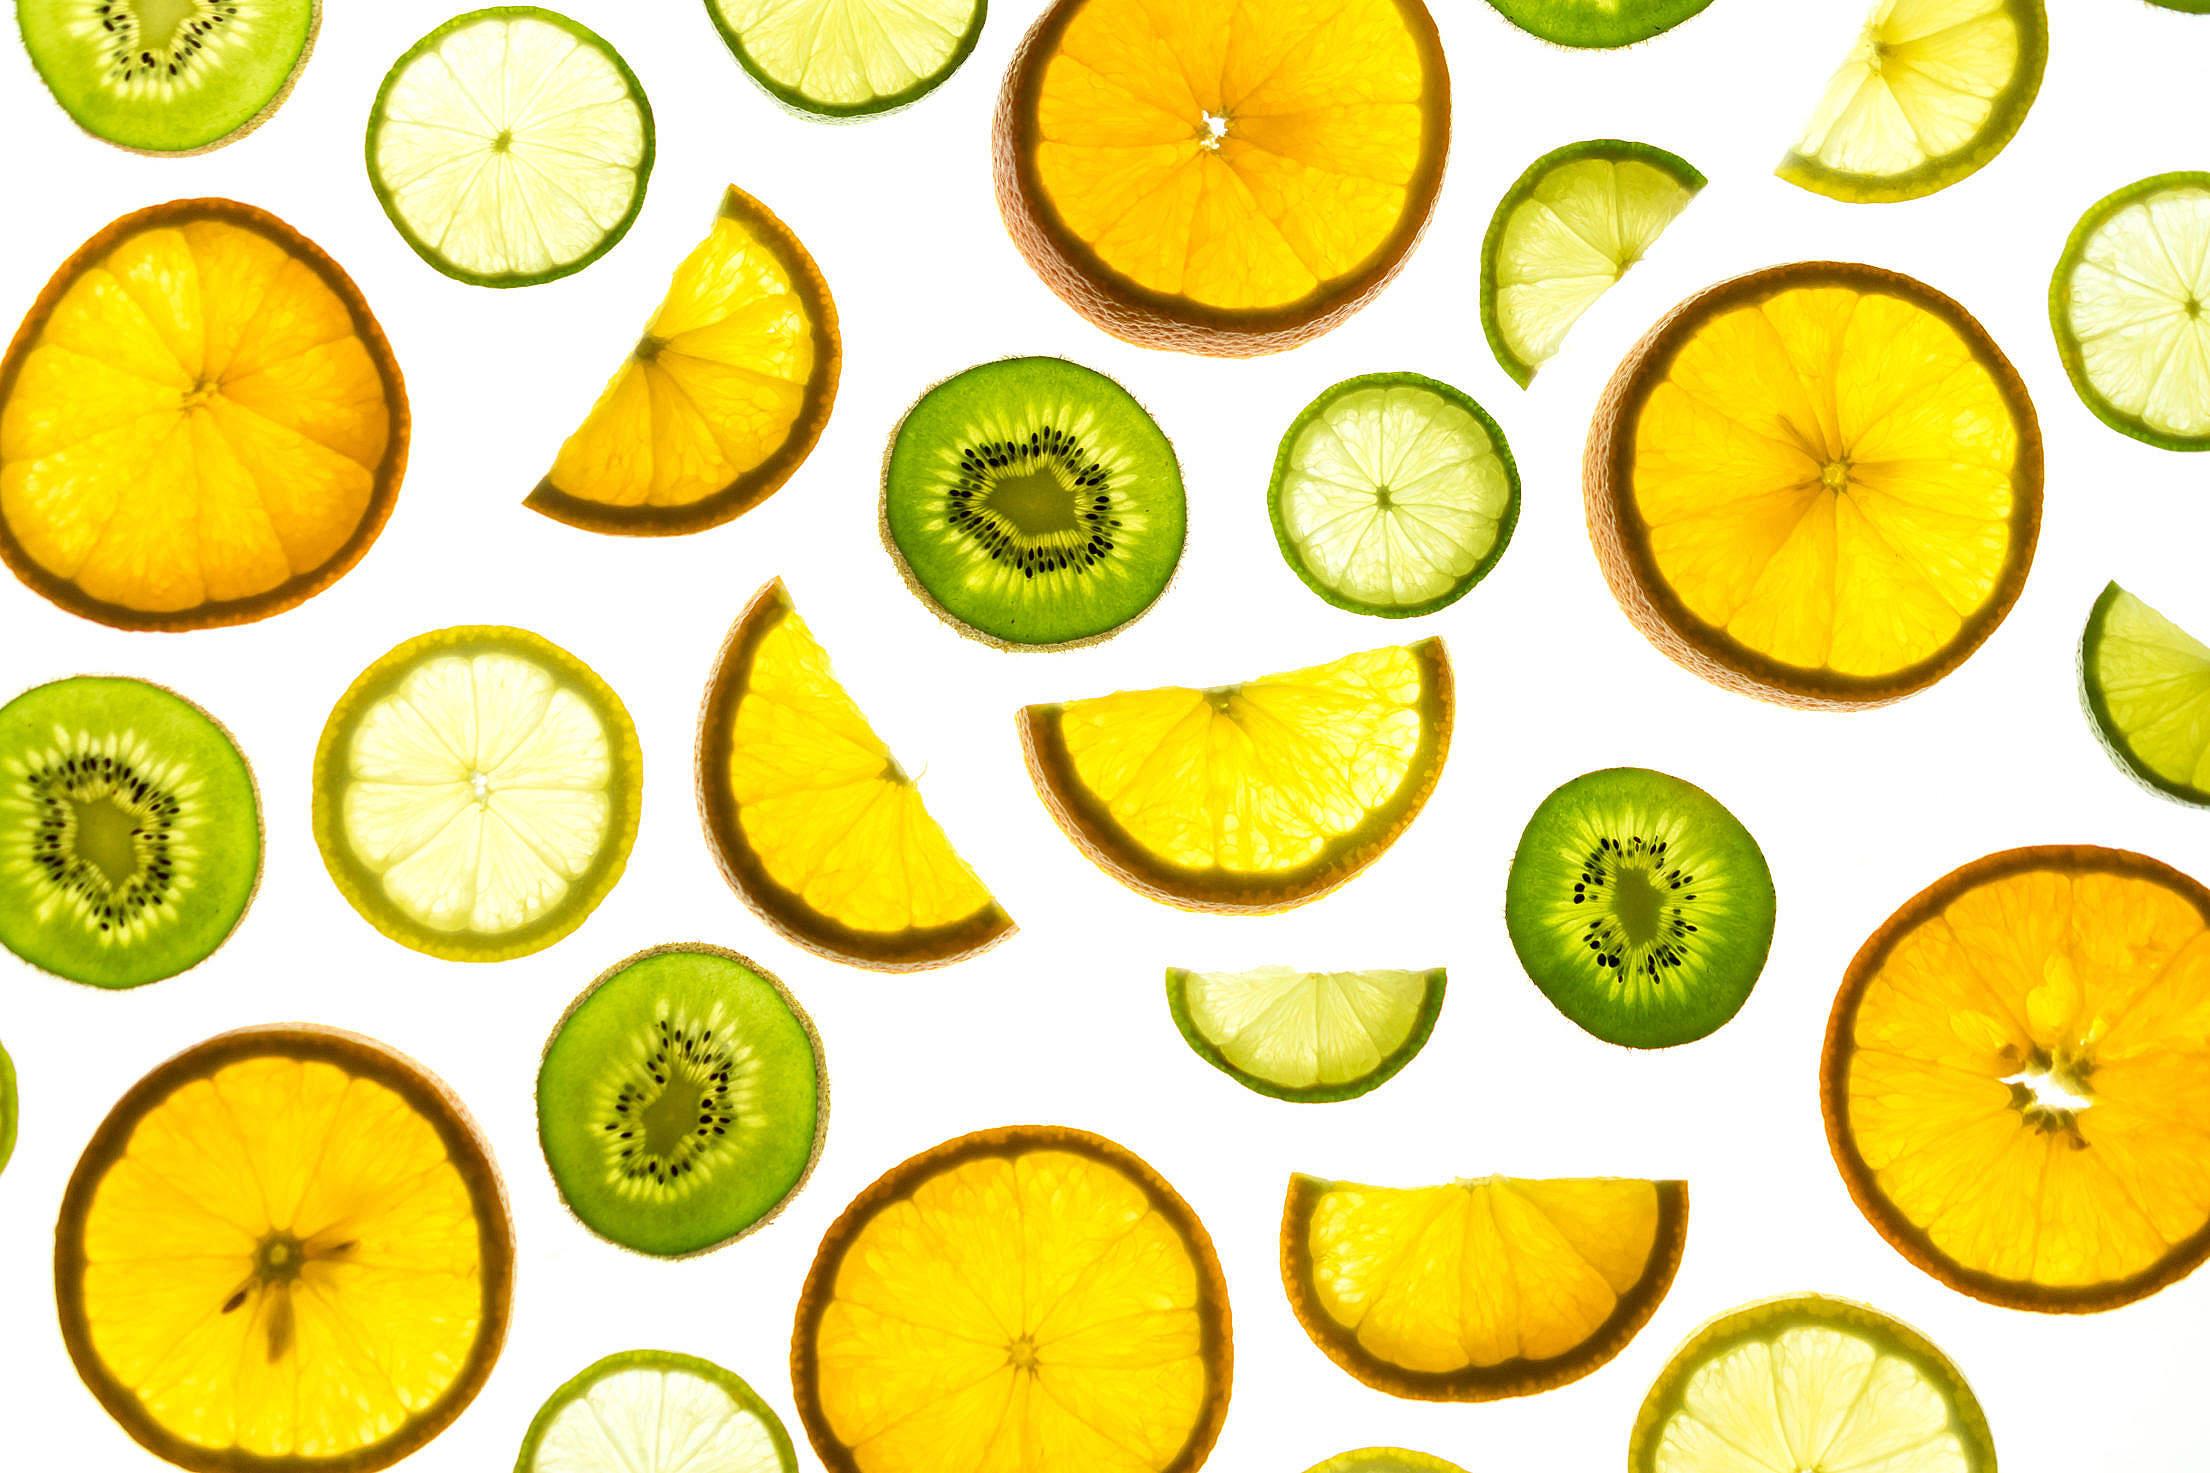 Orange Lemon Kiwi Fruits Free Stock Photo